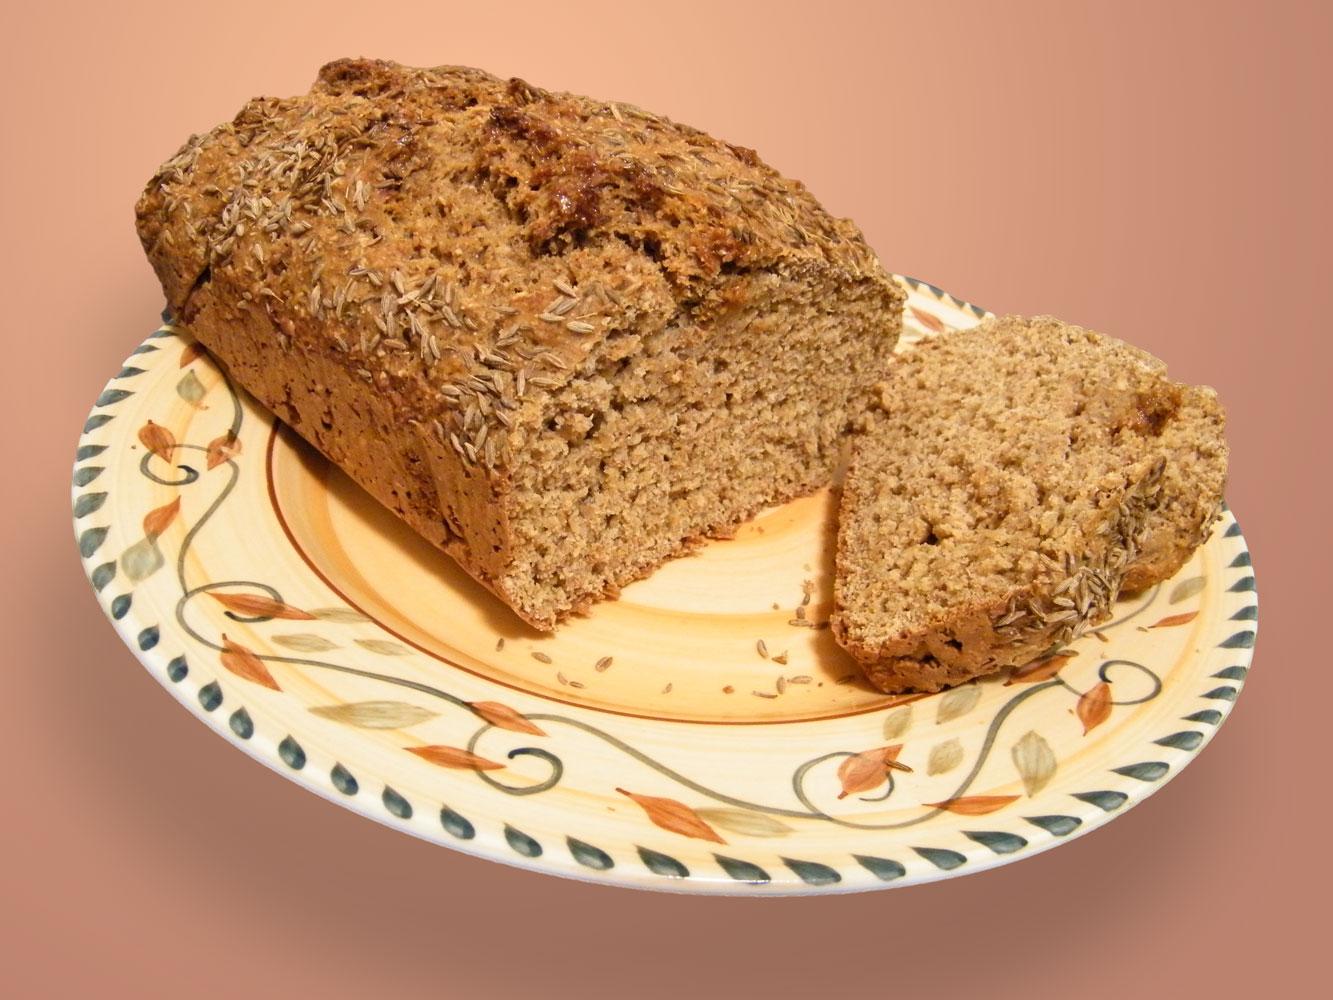 Хлеб из цельнозерновой муки без дрожжей долго хранится